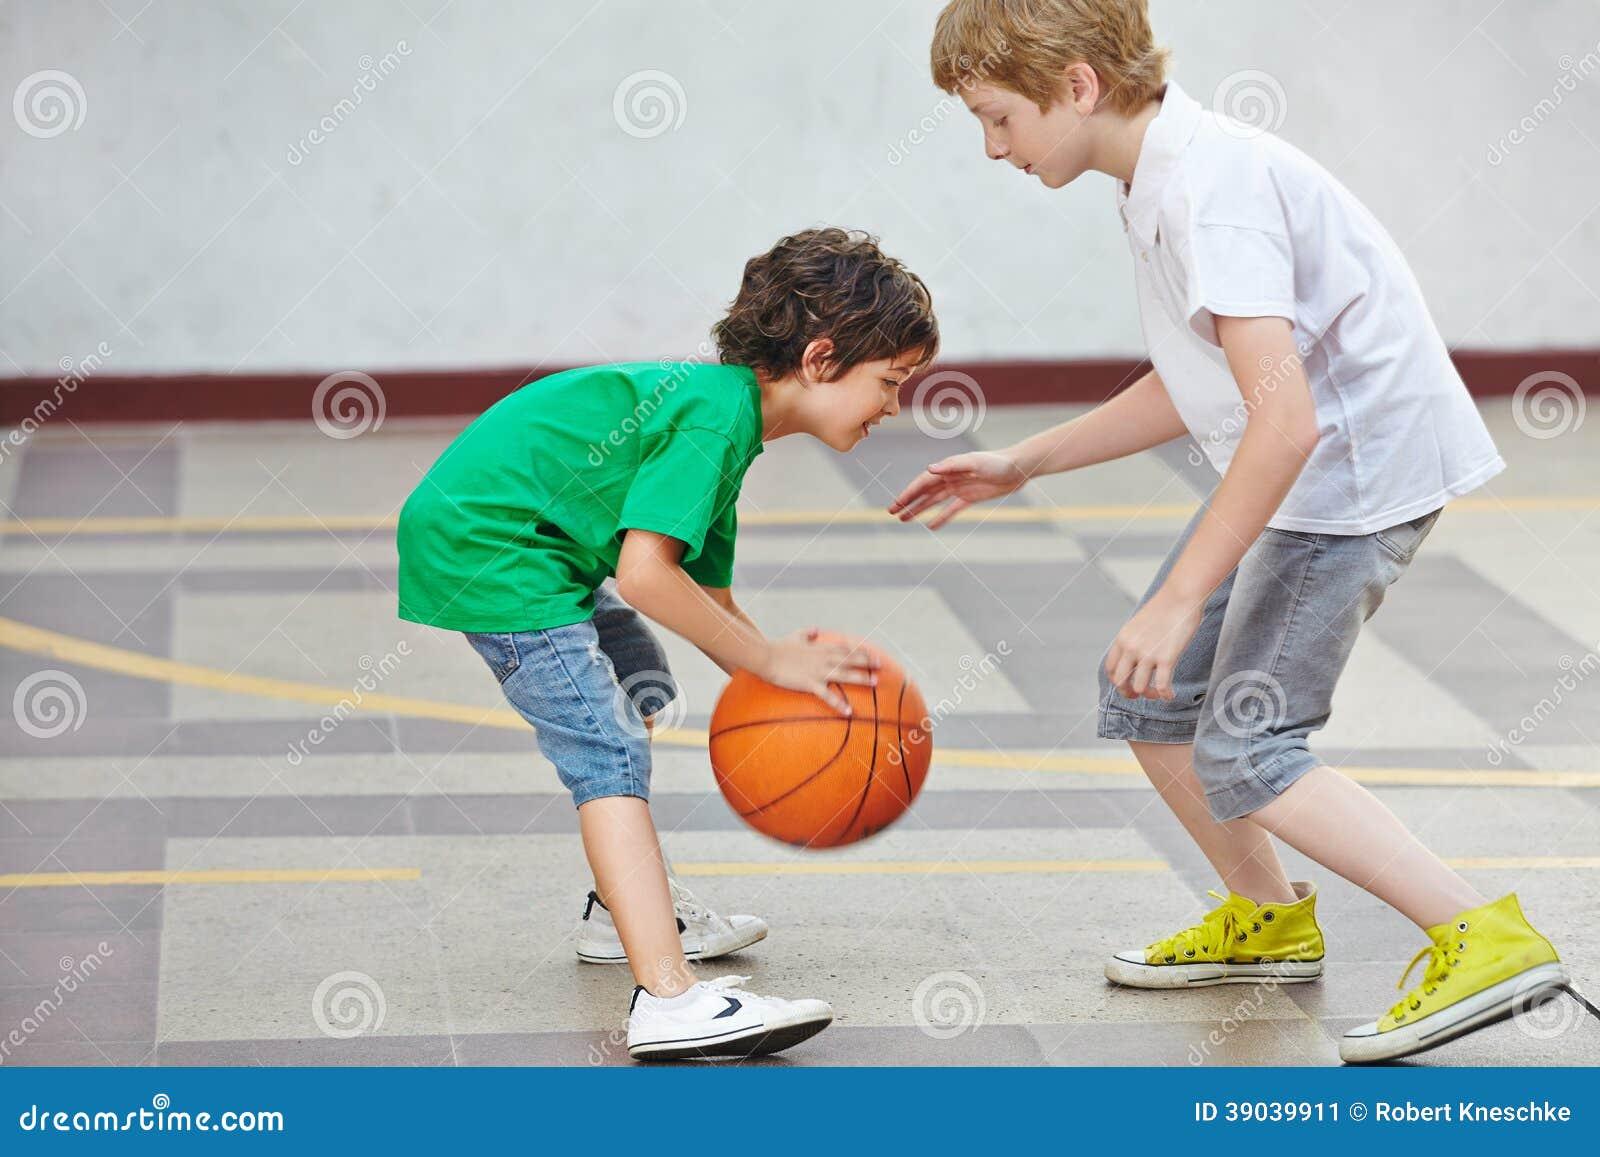 Ragazzi che giocano pallacanestro a scuola